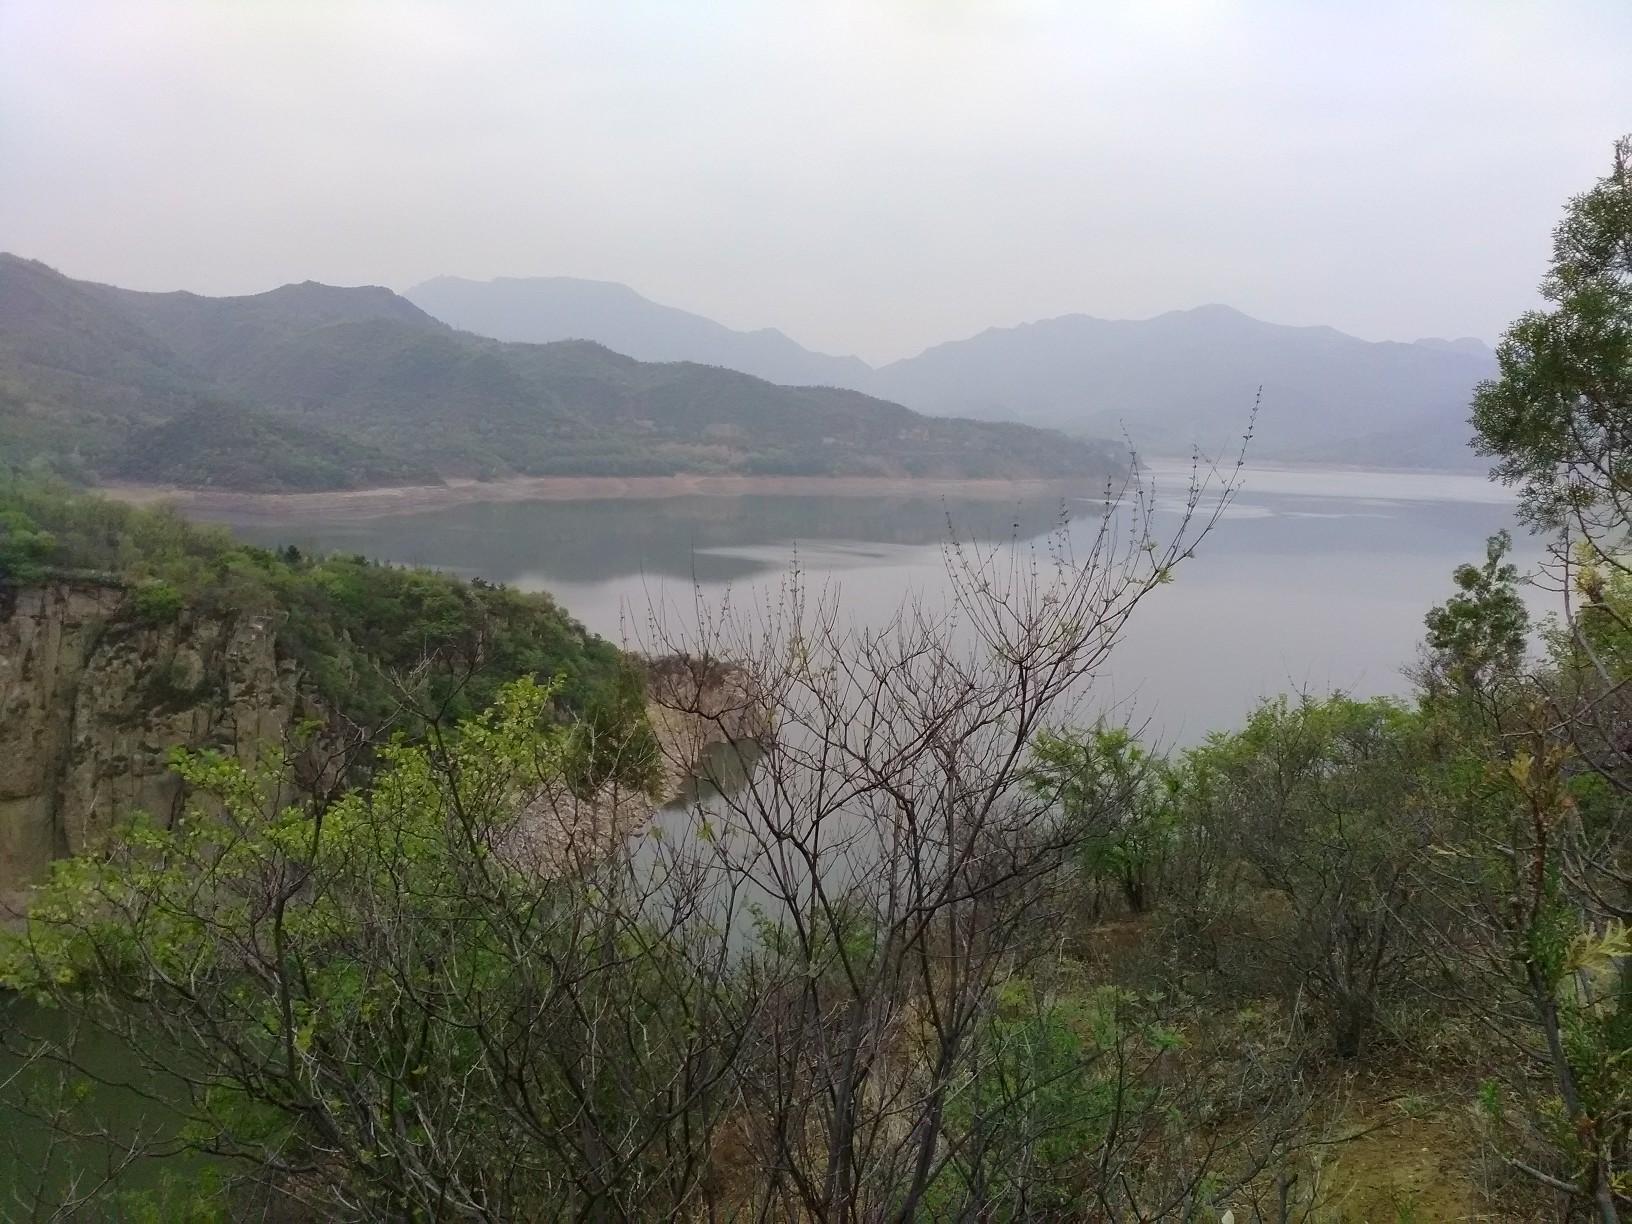 2015年5月9日-10日暴雨顶-老虎坑-茨沟村-白河堡水库